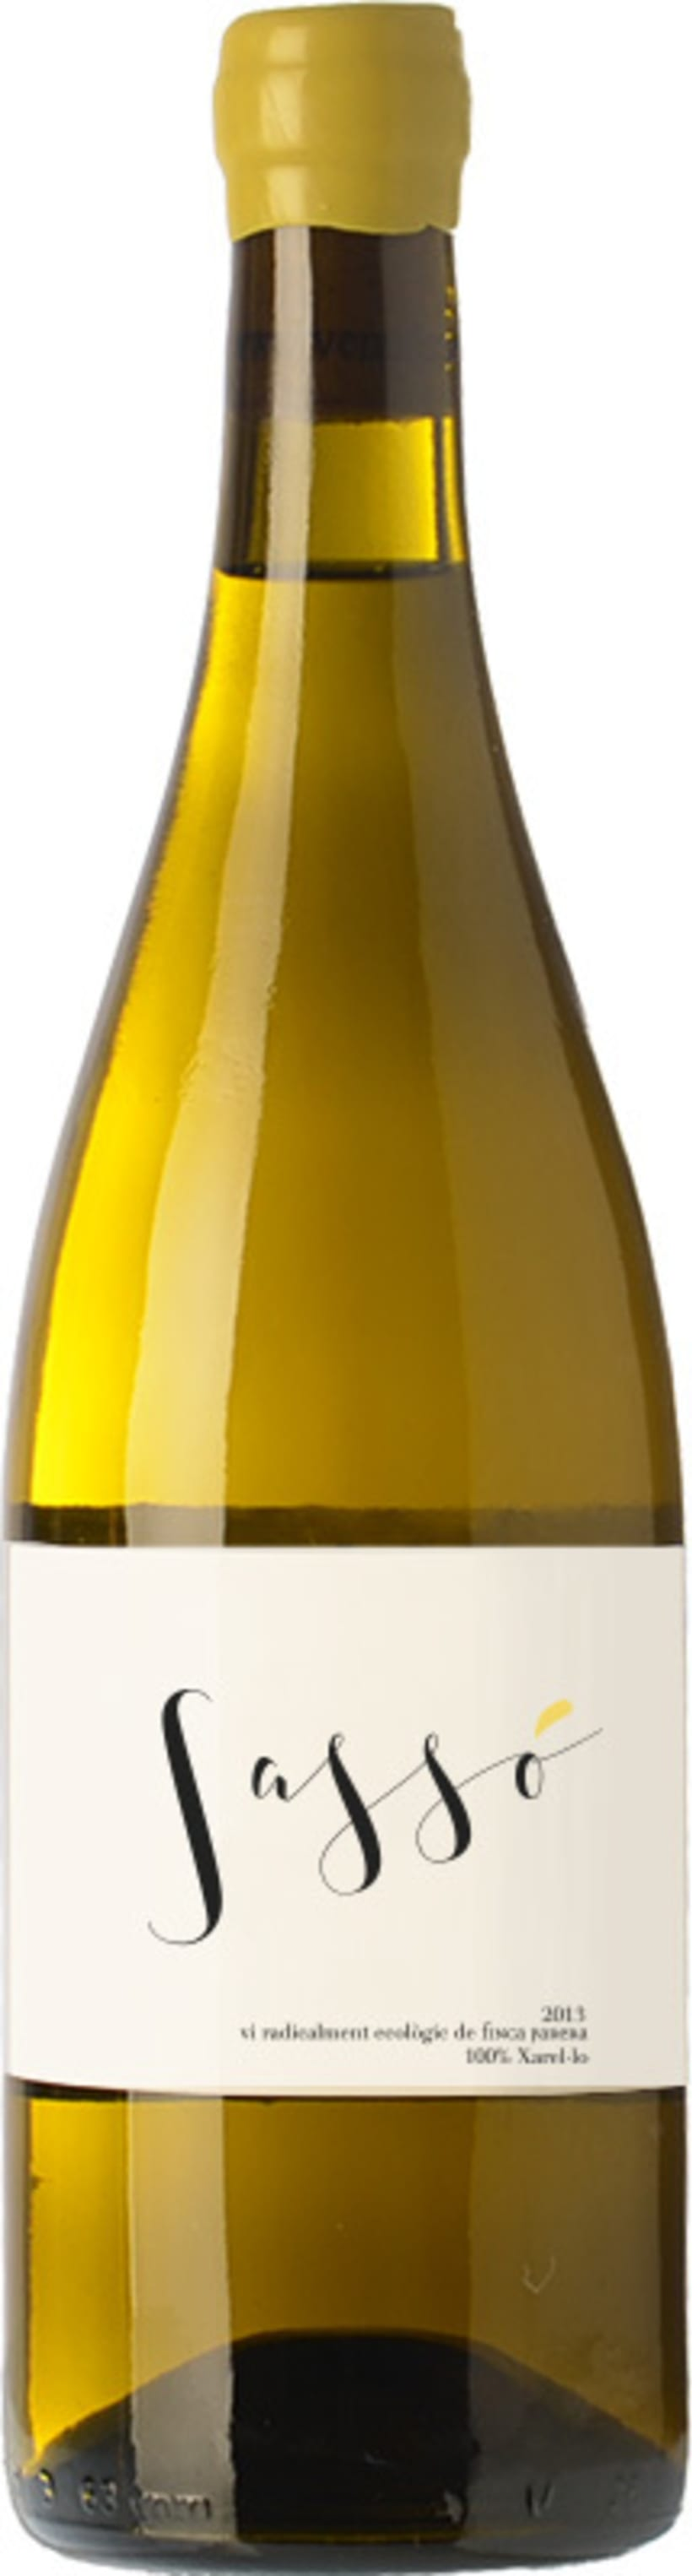 Etiqueta de vino Sassó 4